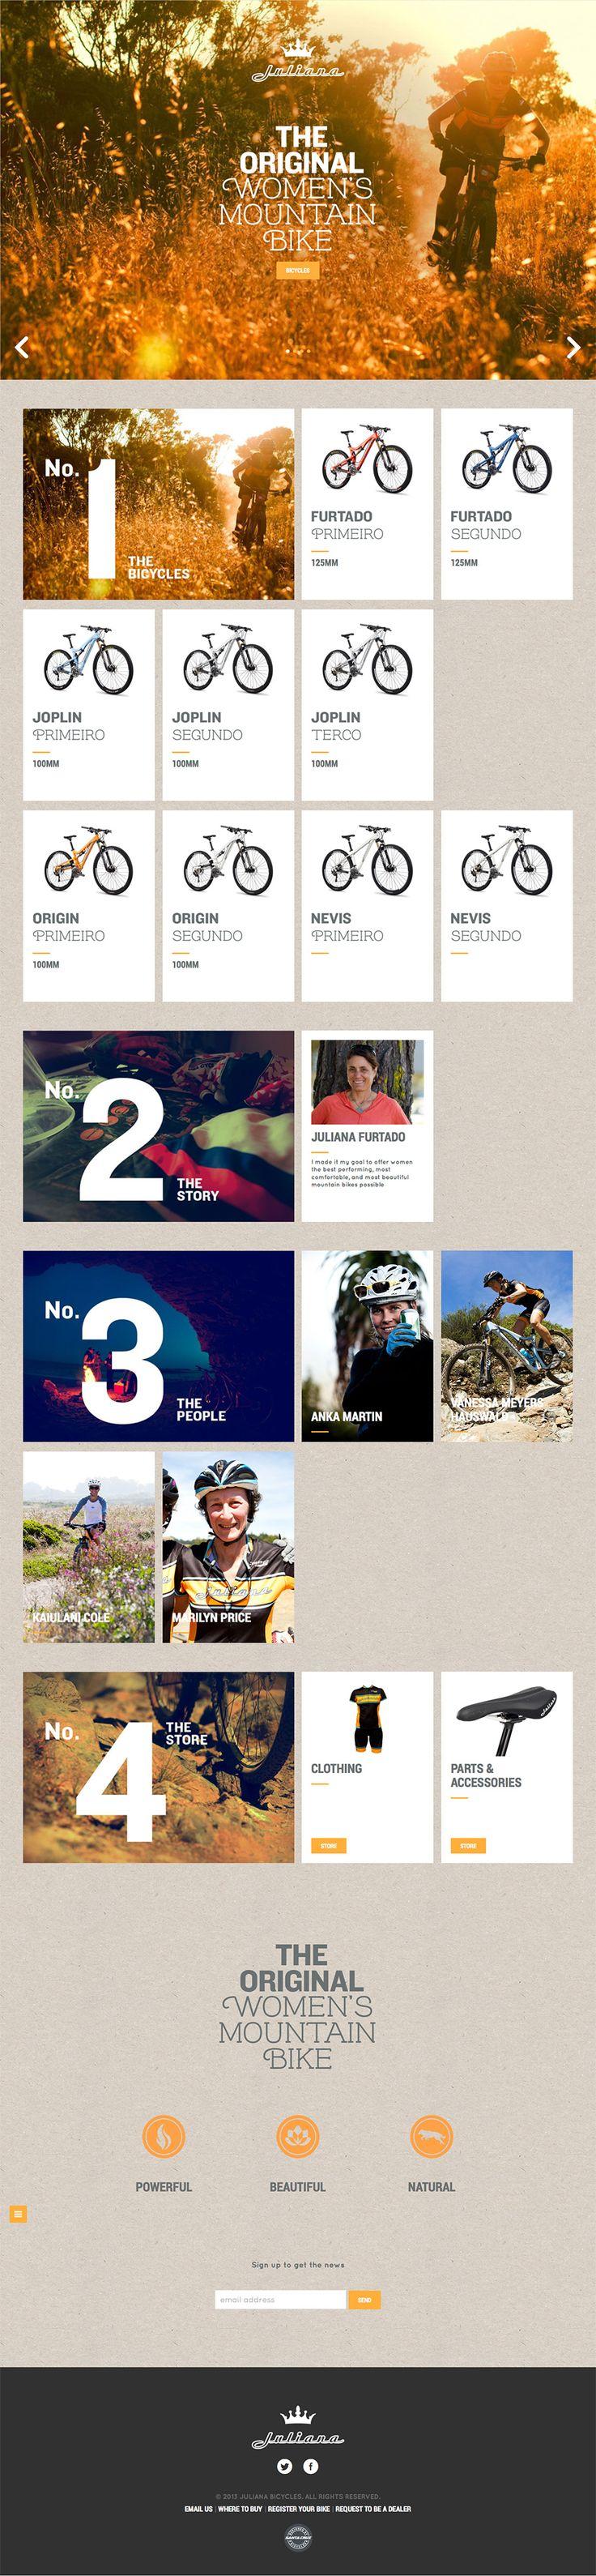 Web Design #wedesign #web #design #layout #userinterface #website < repinned by Alexander Kaiser | visit www.kaiser-alexander.de